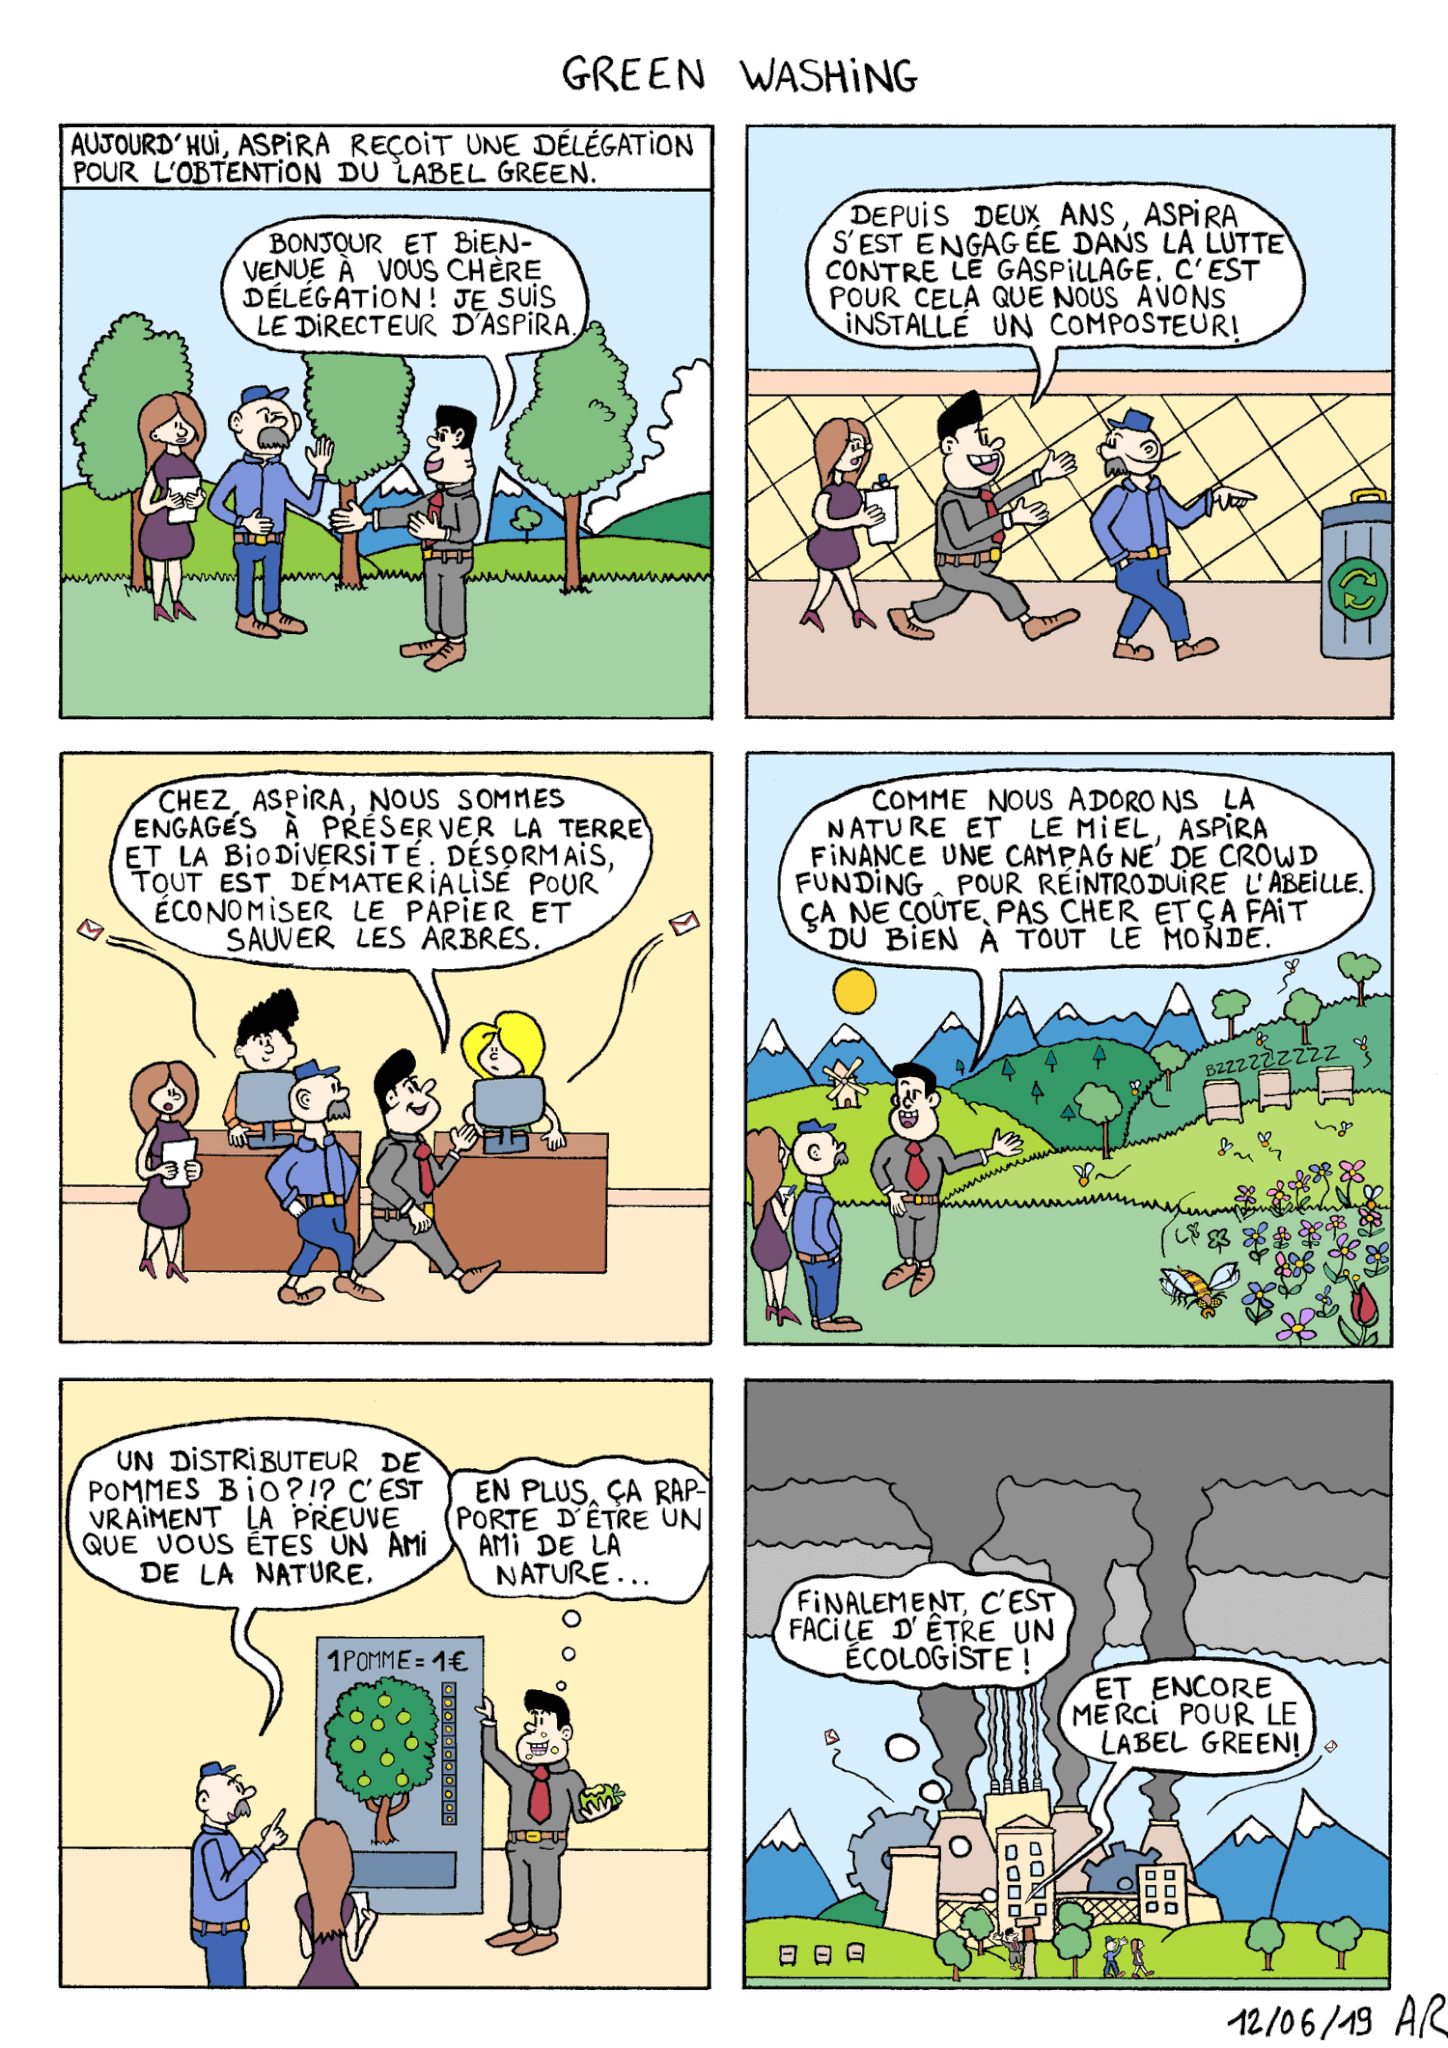 Bande dessinée sur l'écologie entreprise - dessin et environnement - web toon